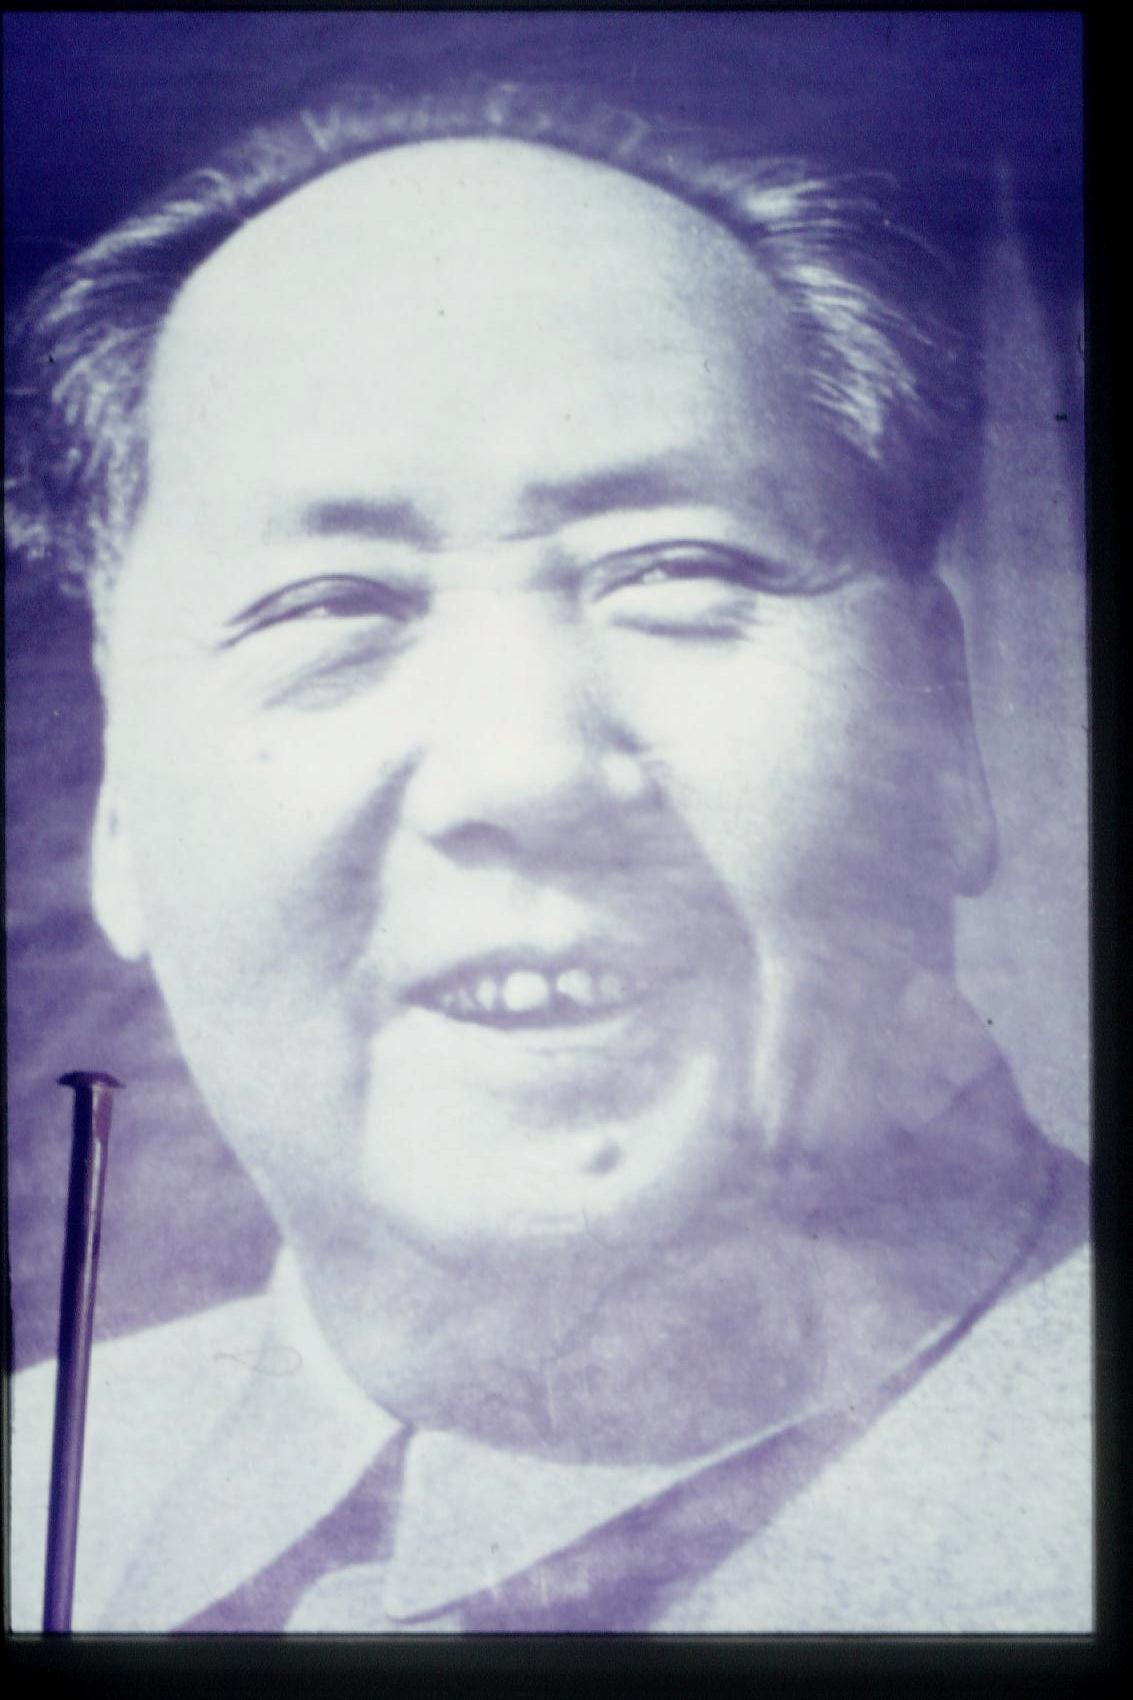 22_Mao_late70_1a